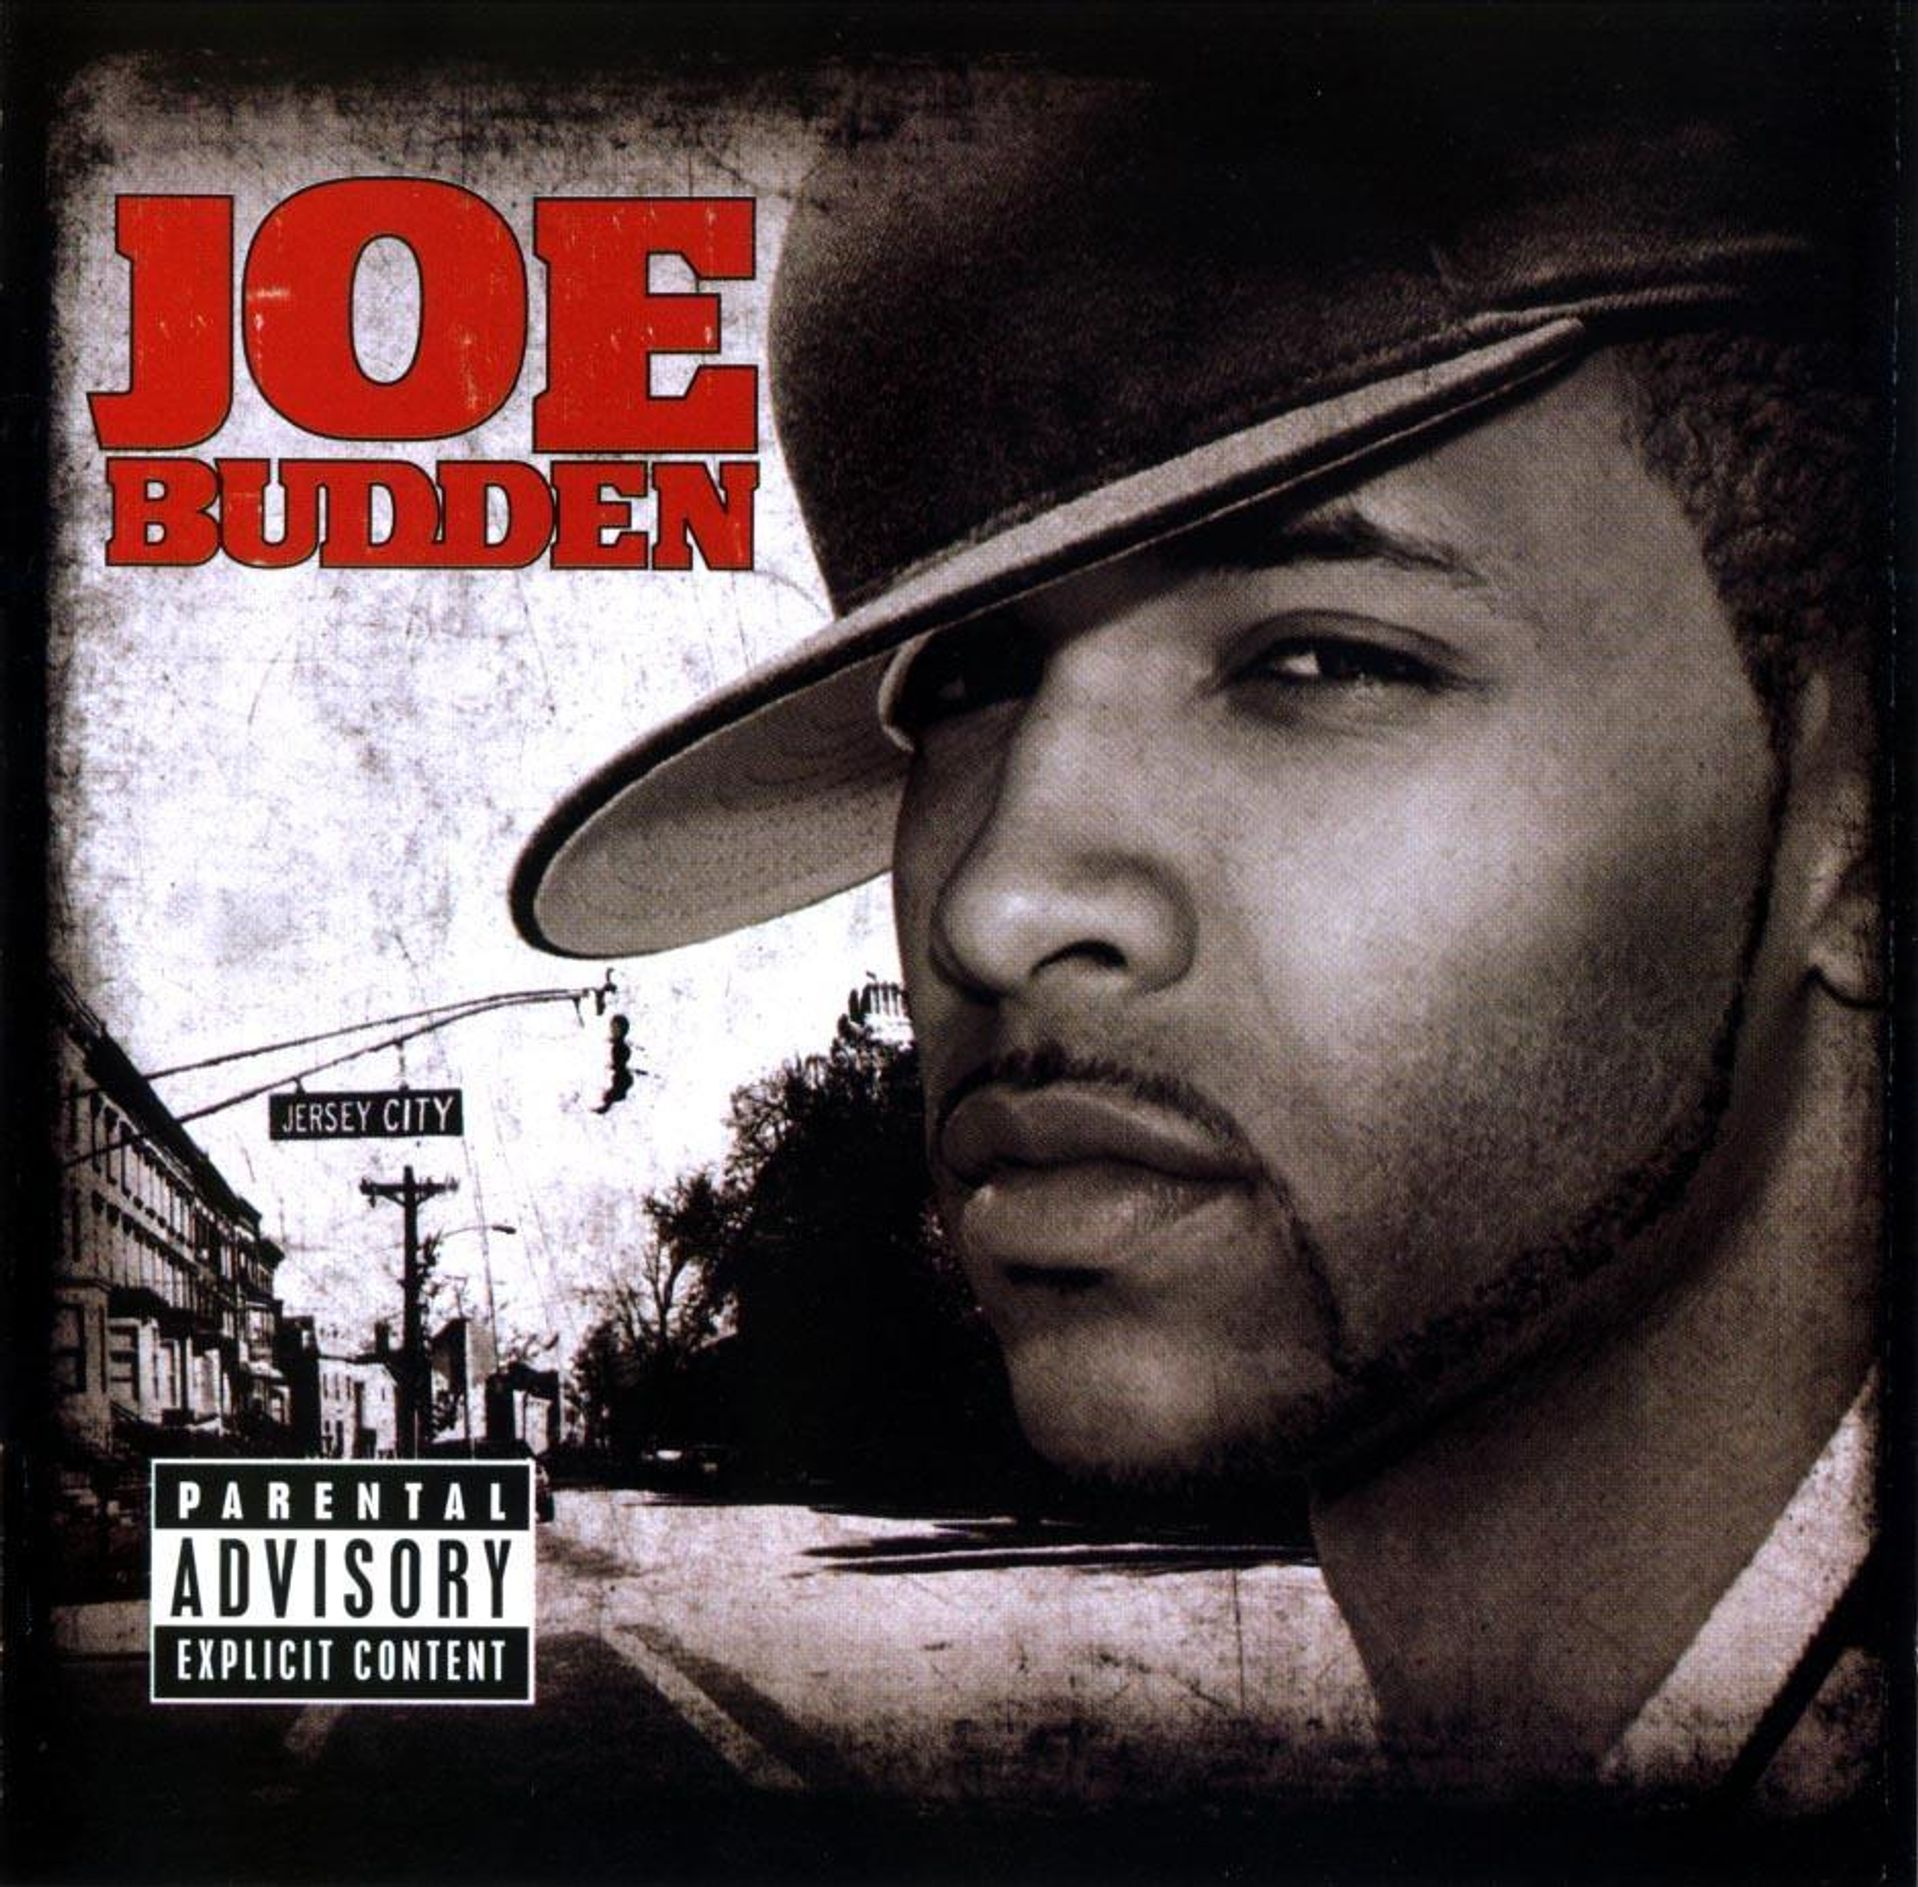 Album Title: Joe Budden by: Joe Budden